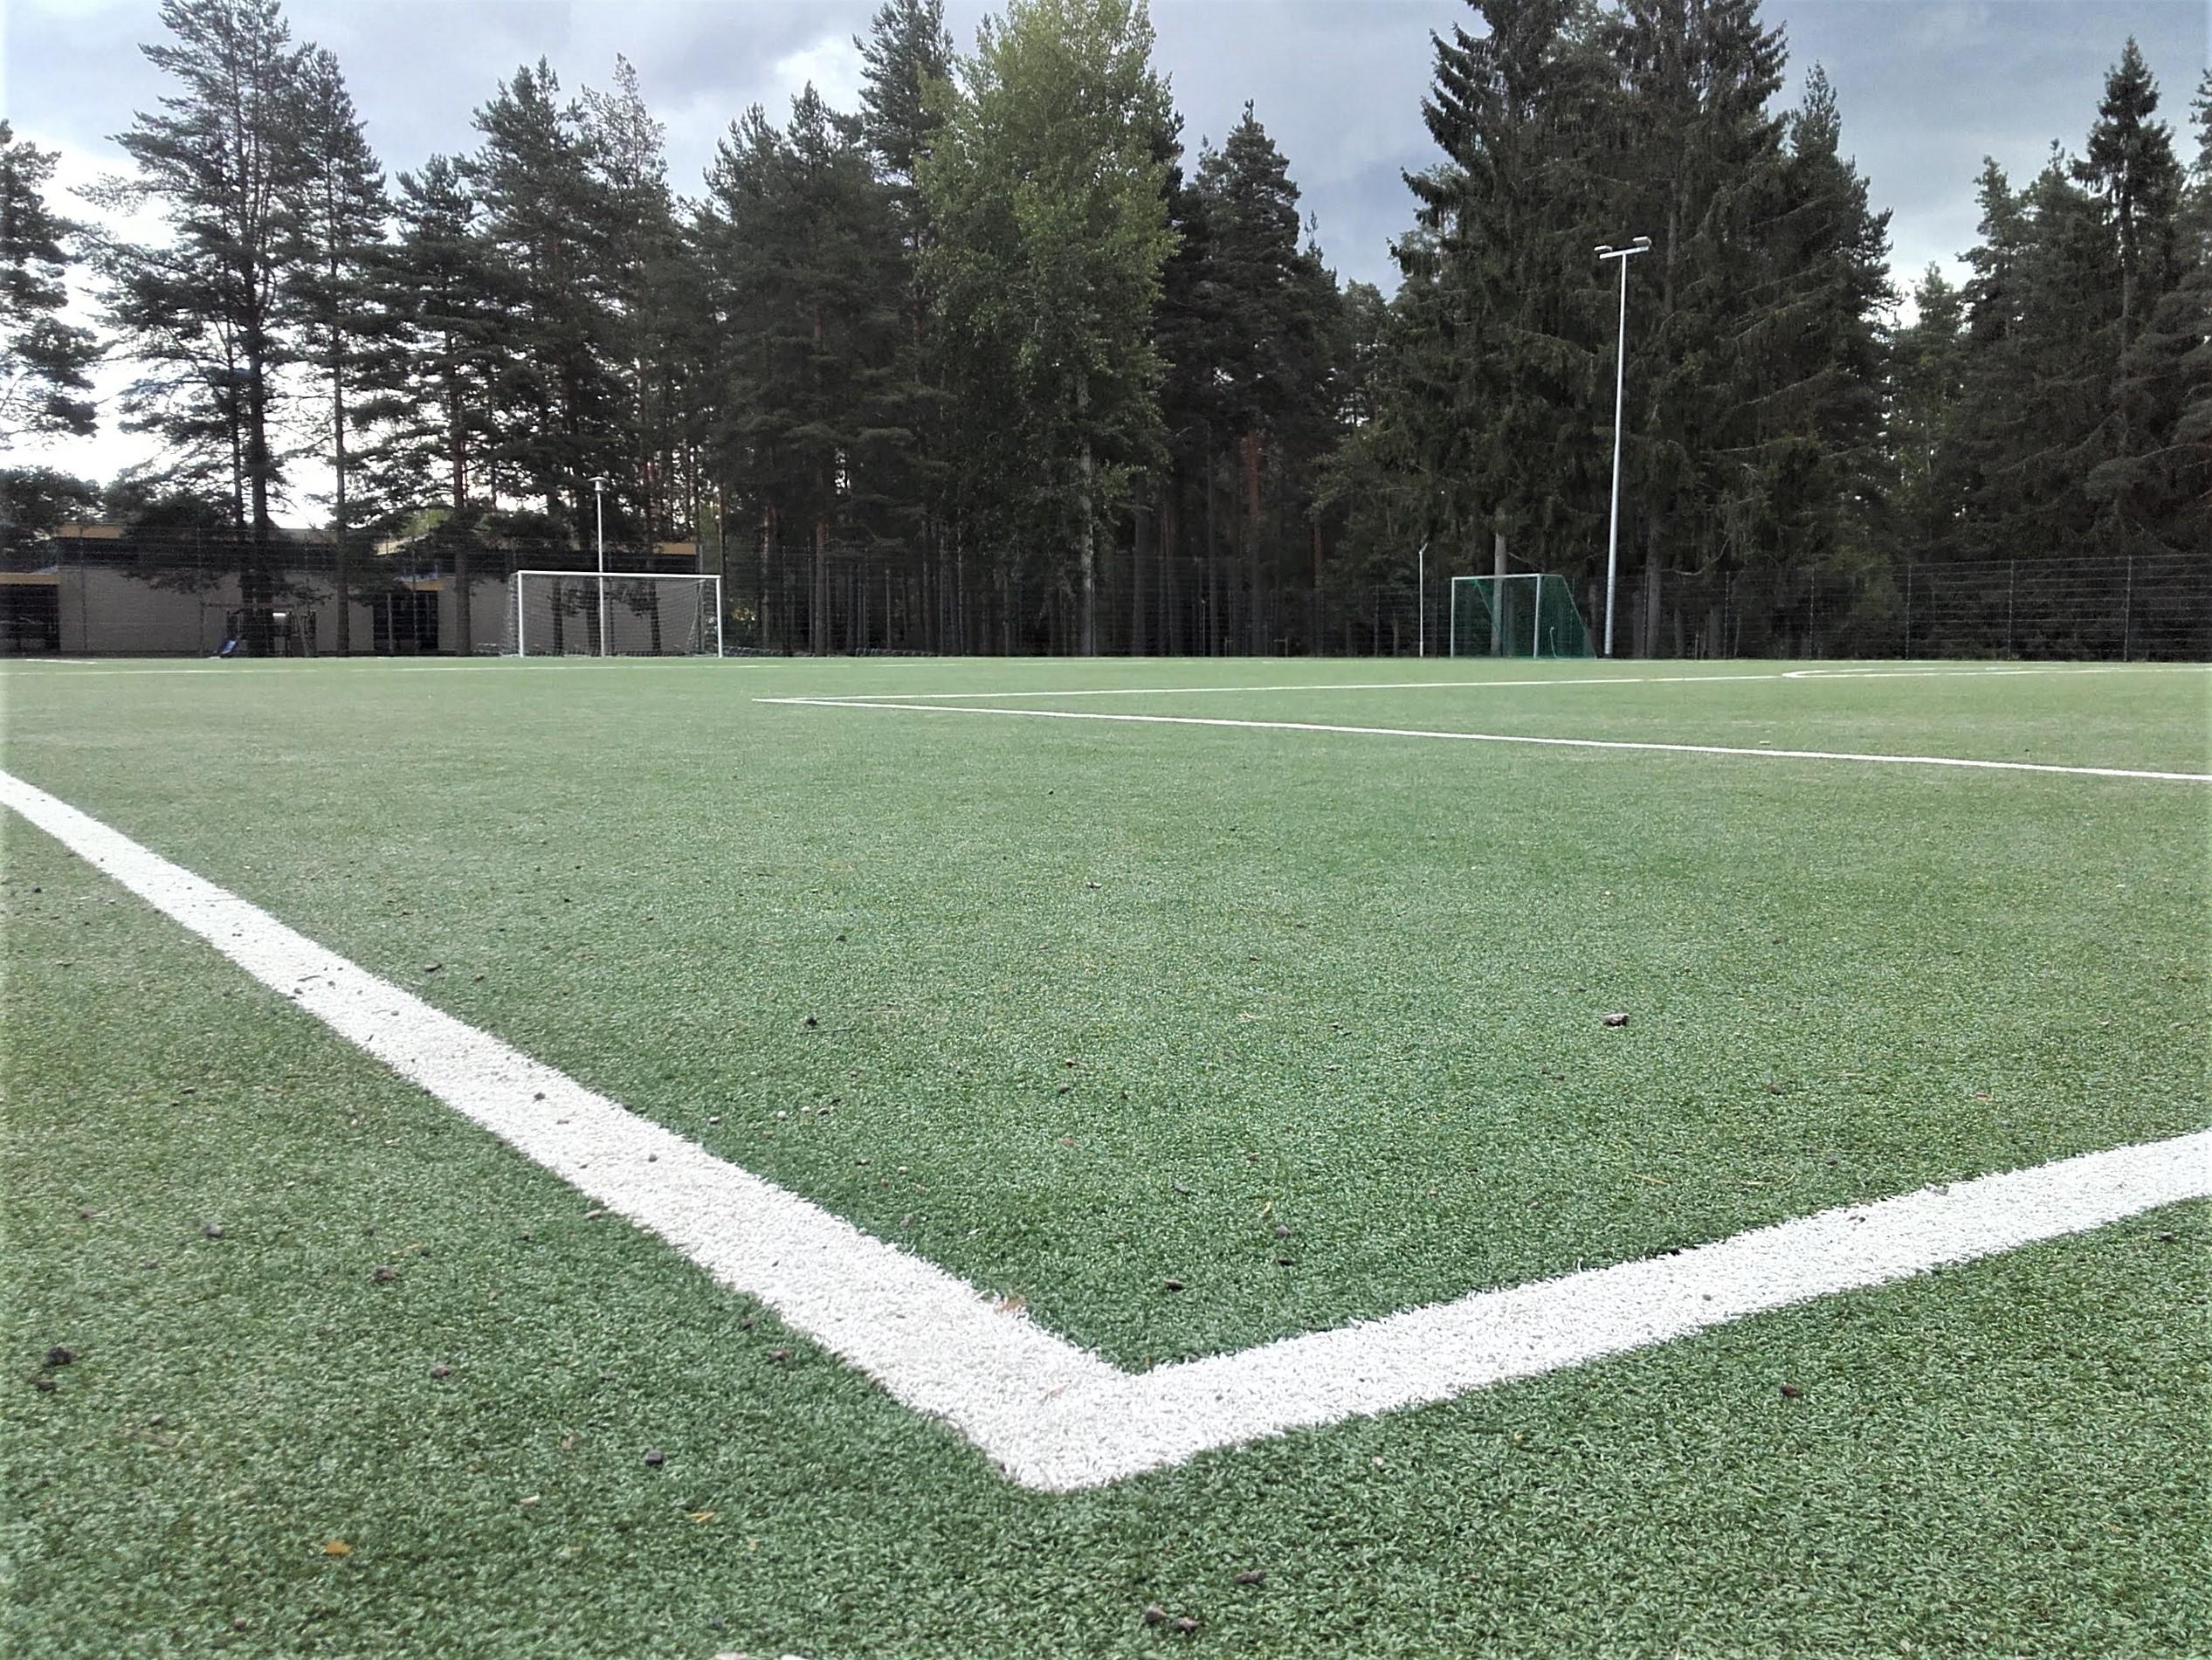 Tekonurmikenttä. Kentälle piirretty valkoiset pelikentän rajat. Kentän toisessa päässä jalkapallomaali. Kentän takana kasvaa puita.